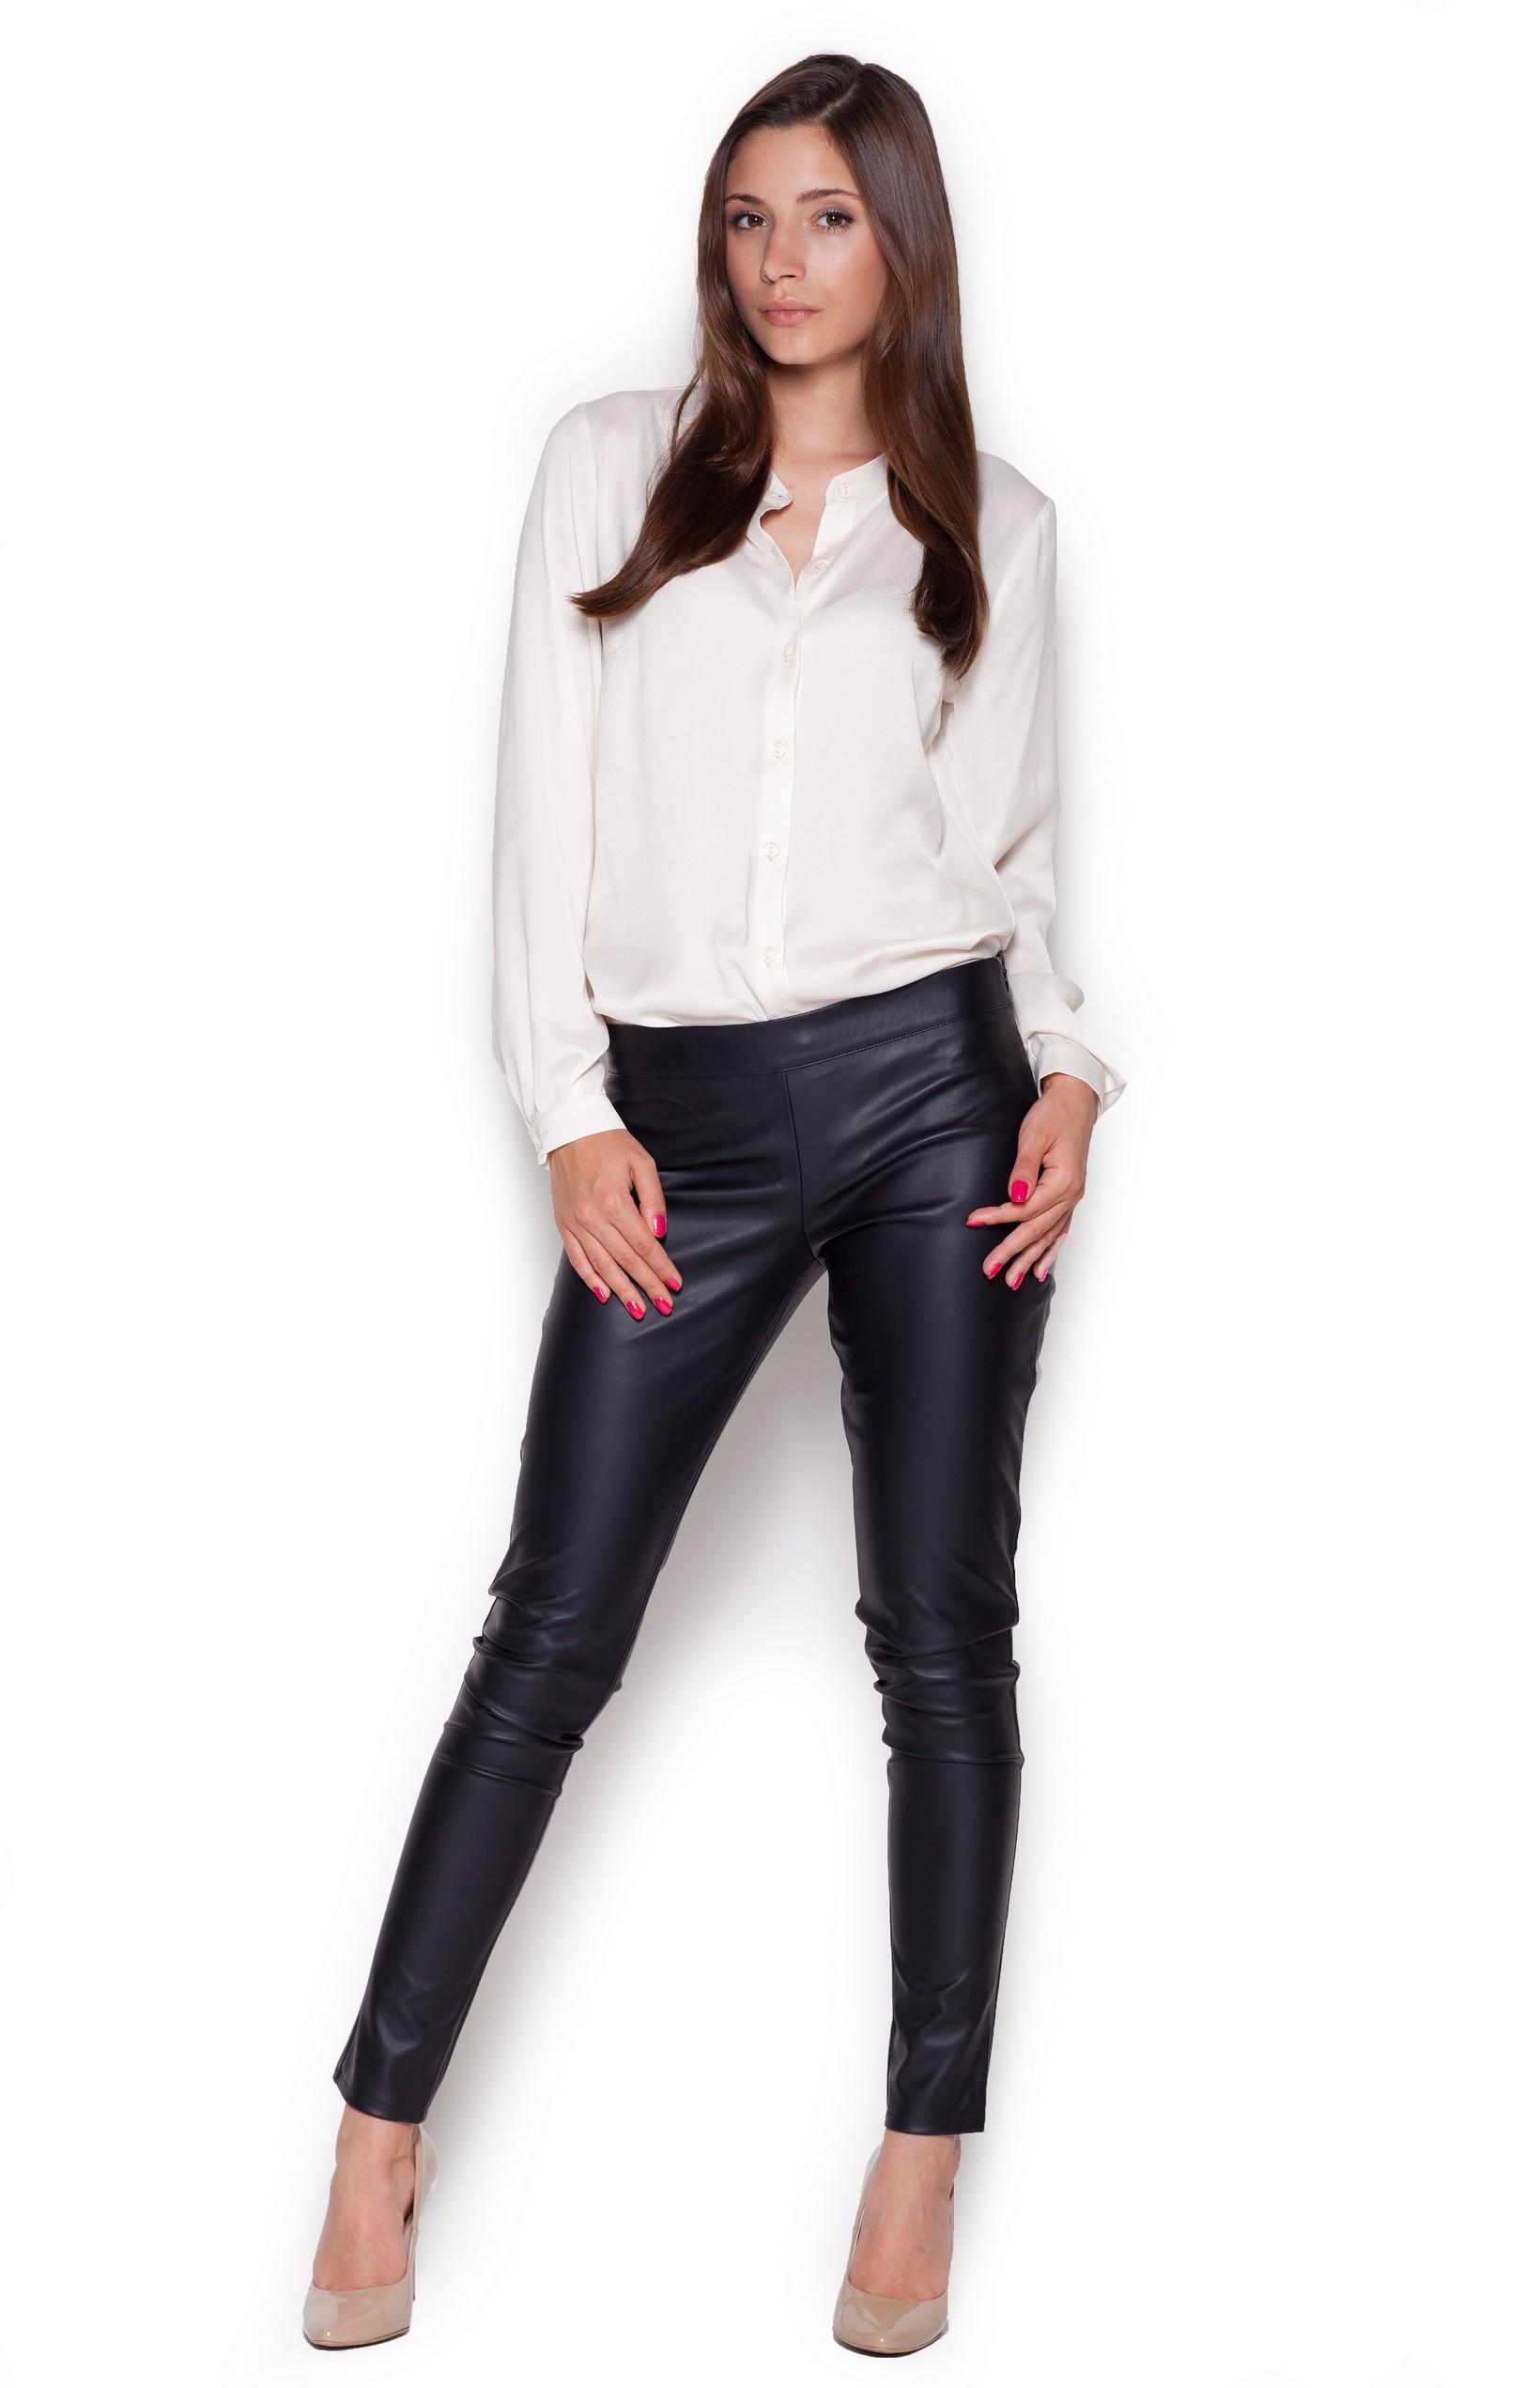 Je veux trouver une belle chemise femme et agréable à porter pas cher ICI  Chemisier fluide blanc 0fd58aafad84